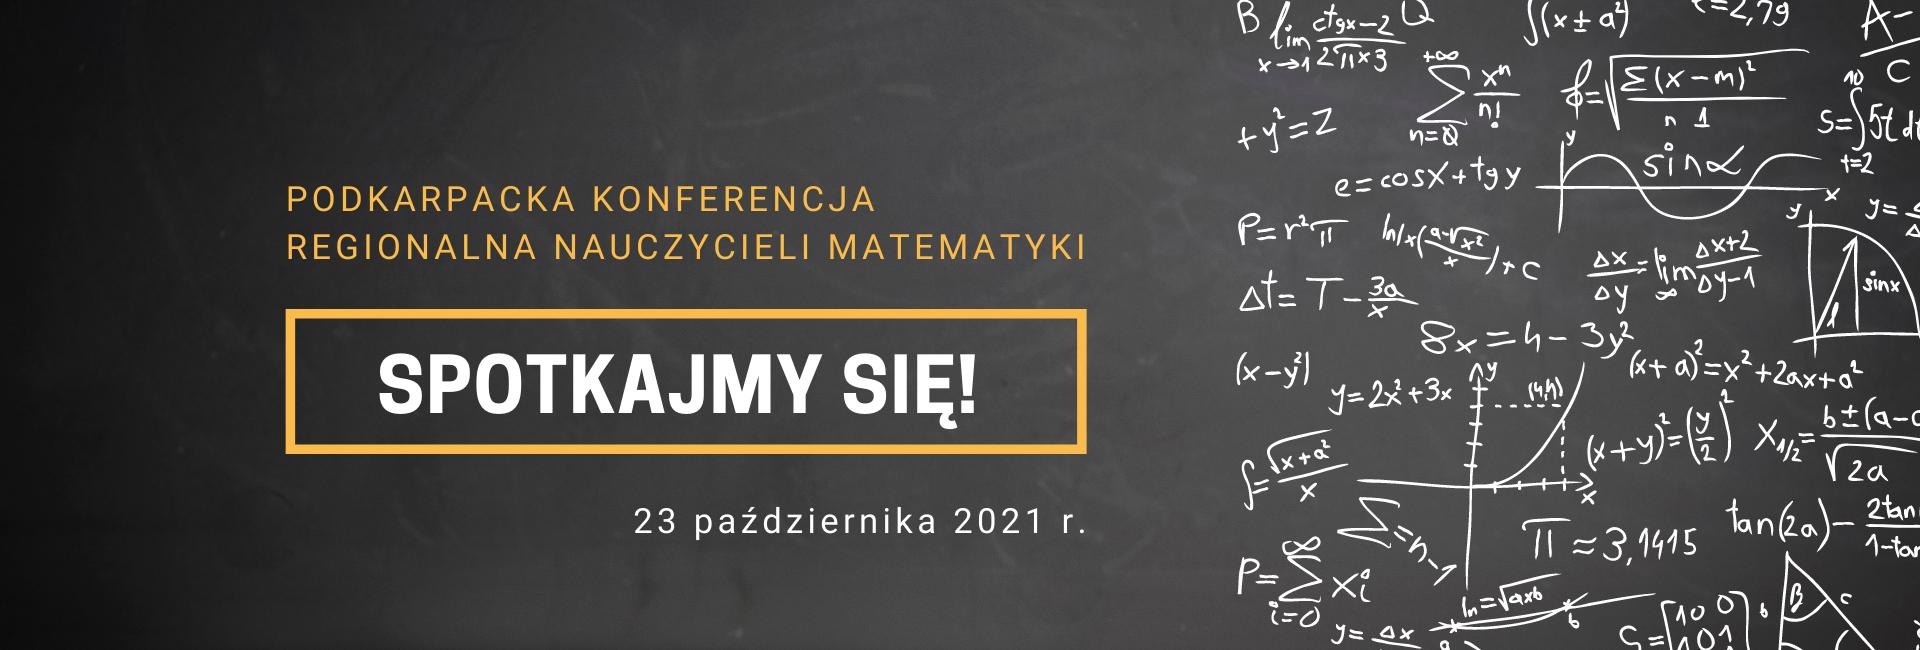 Konferencja regionalna nauczycieli matematyki Spotkajmy się - 23 października 2021 r.